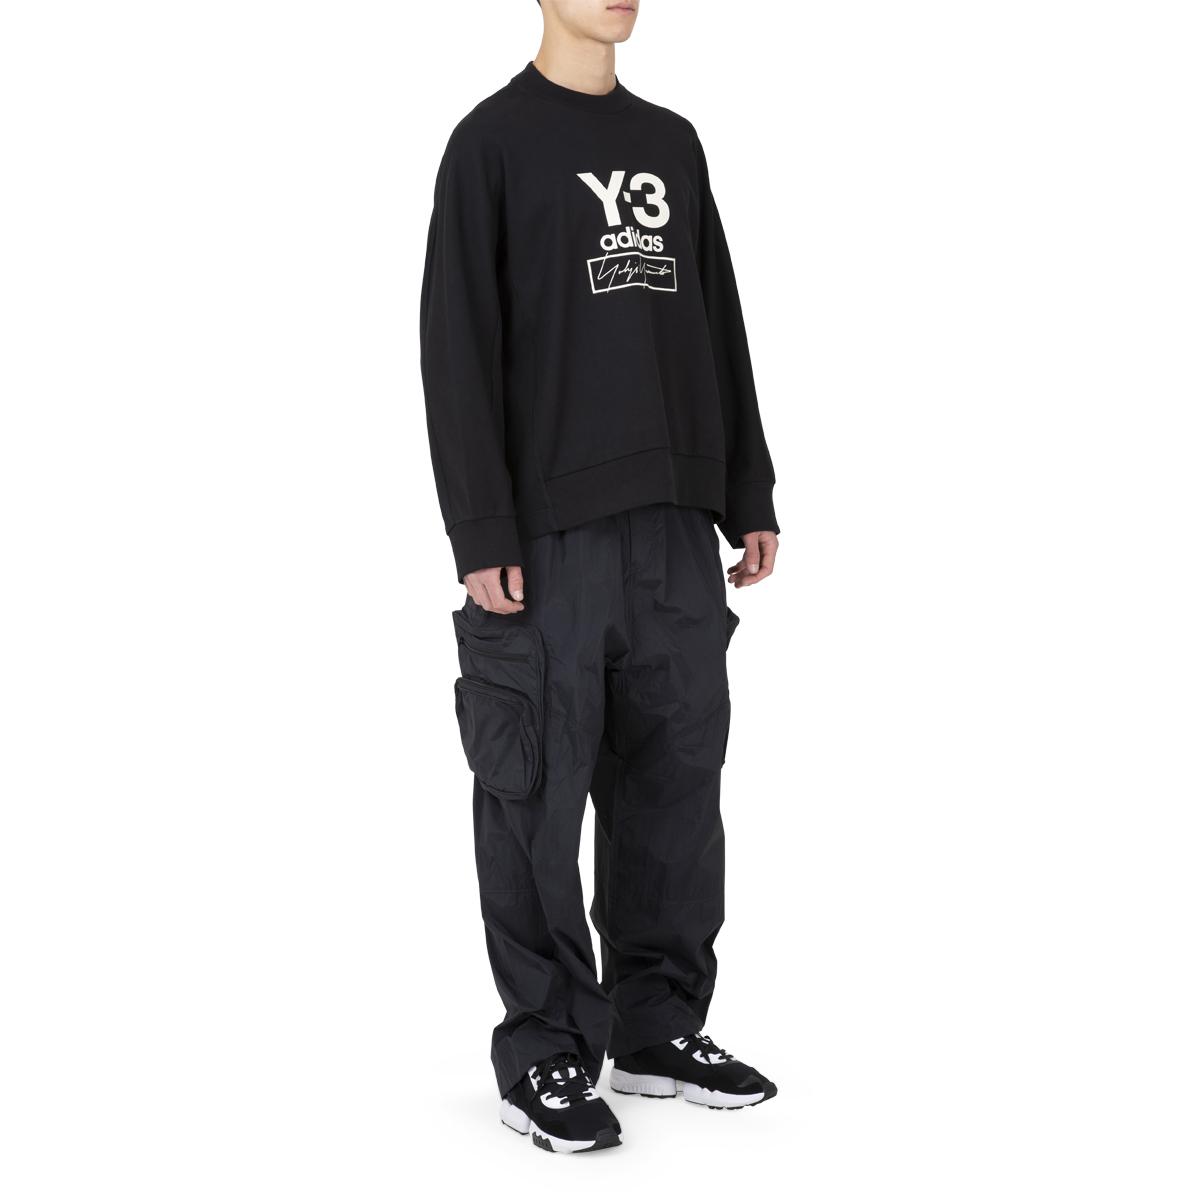 adidas Y-3 Stacked Logo Sweatshirt